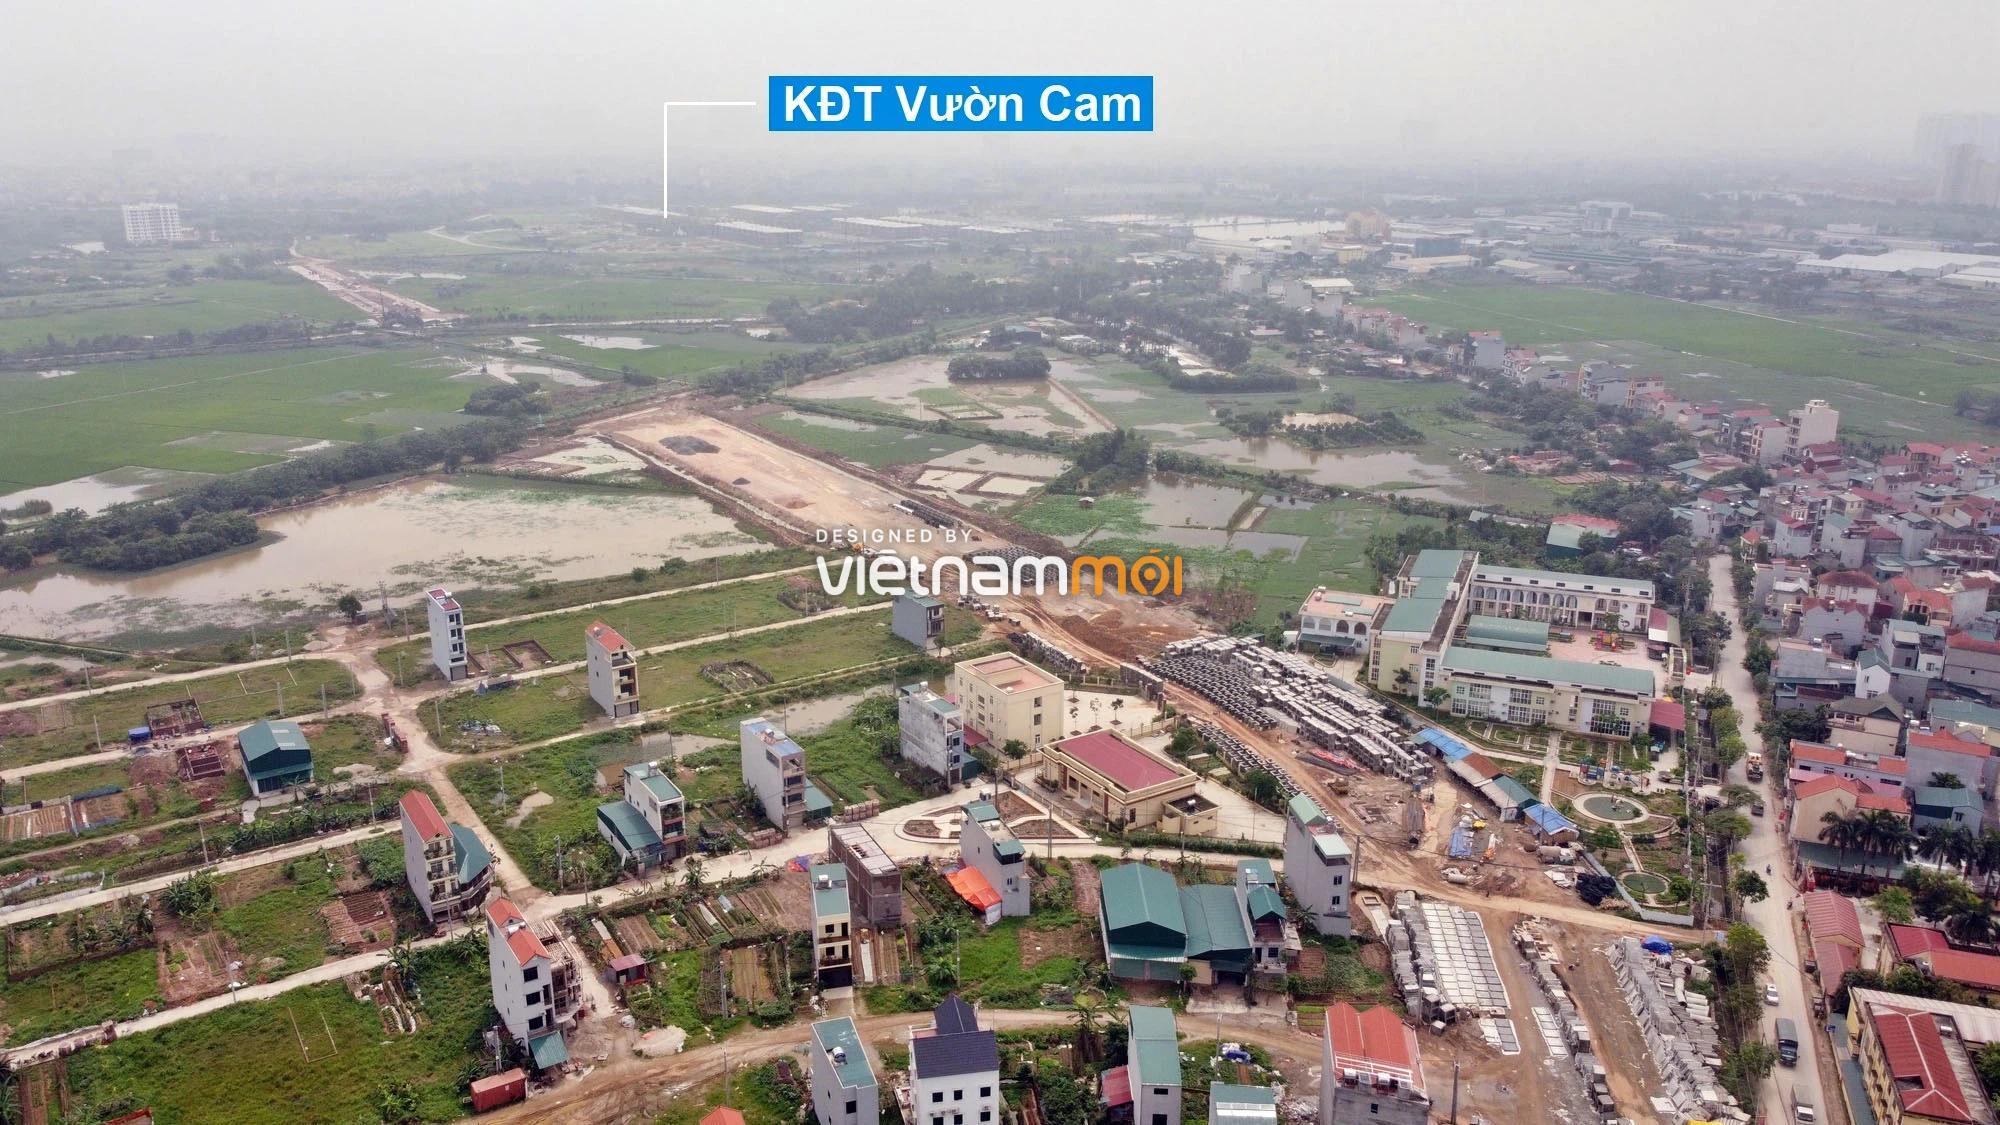 Toàn cảnh đường Lại Yên - Vân Canh đang mở theo quy hoạch ở Hà Nội - Ảnh 8.